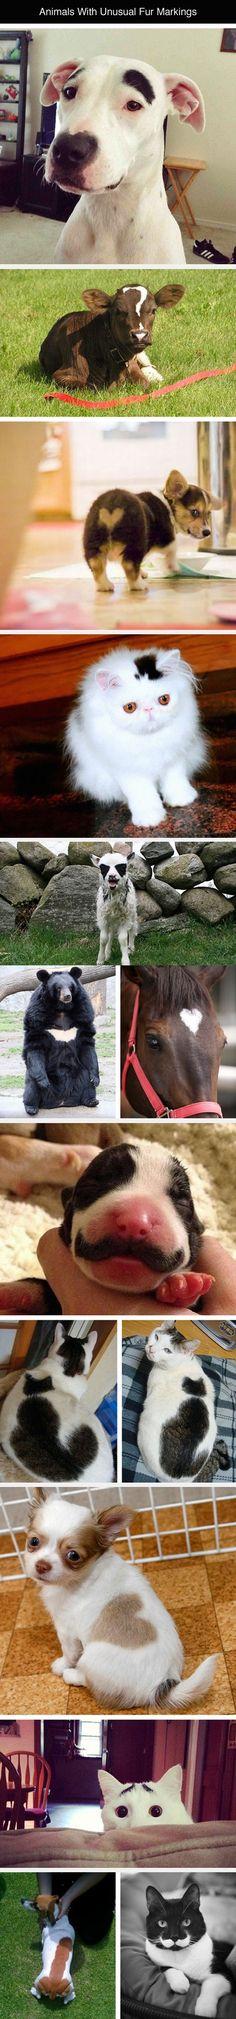 Unusual fur markings on animals